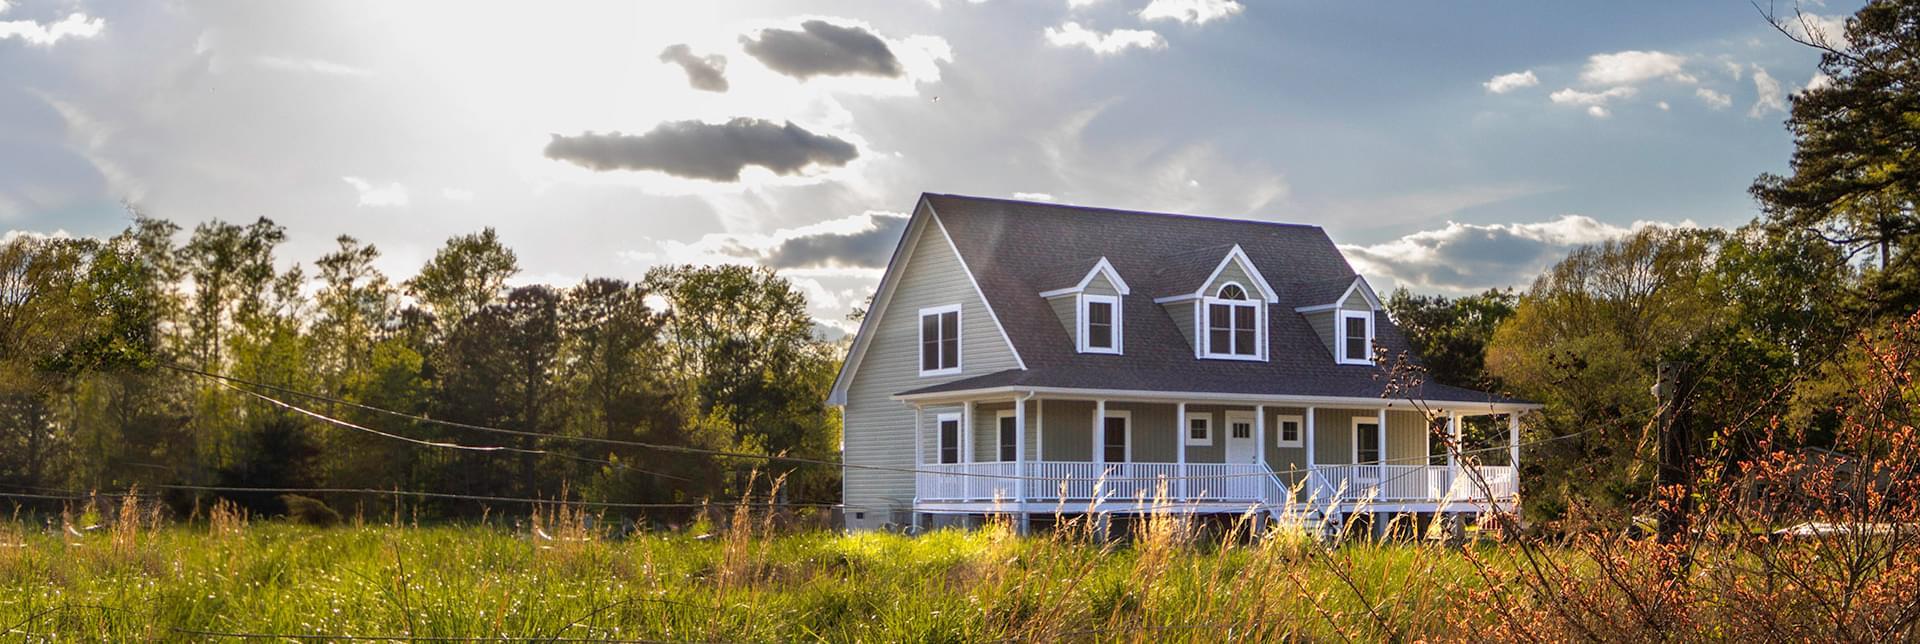 New Homes in Orange County VA